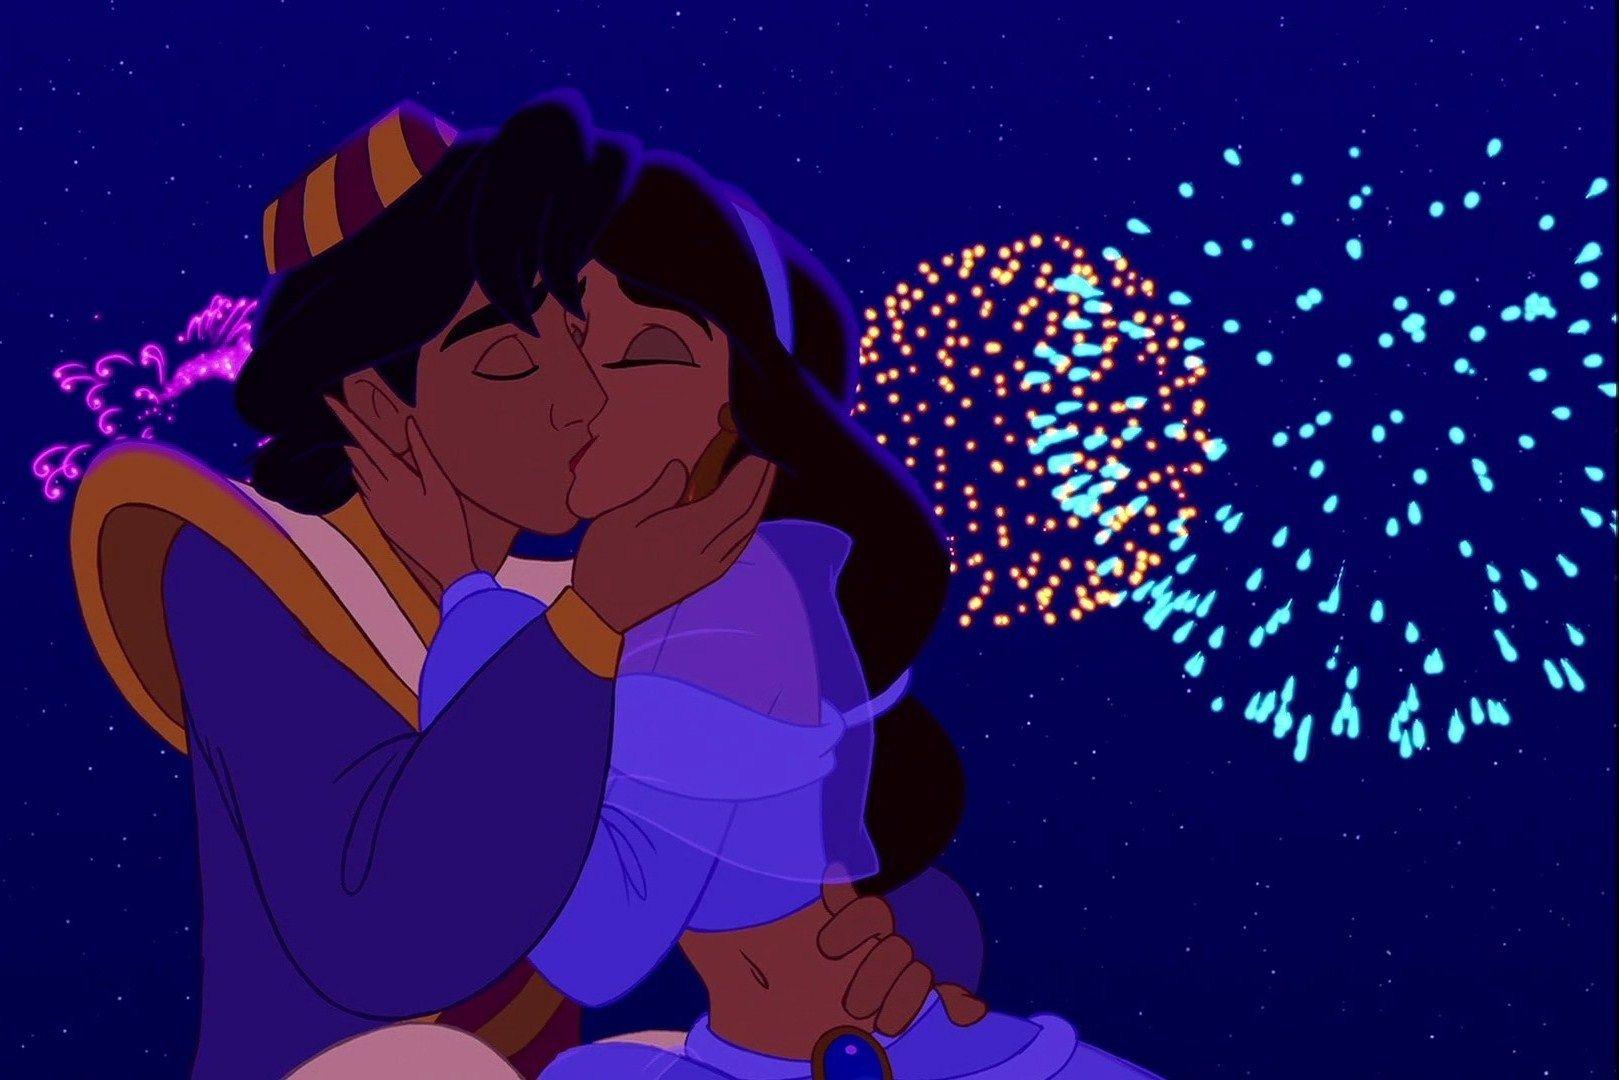 Картинка мультфильма целуются